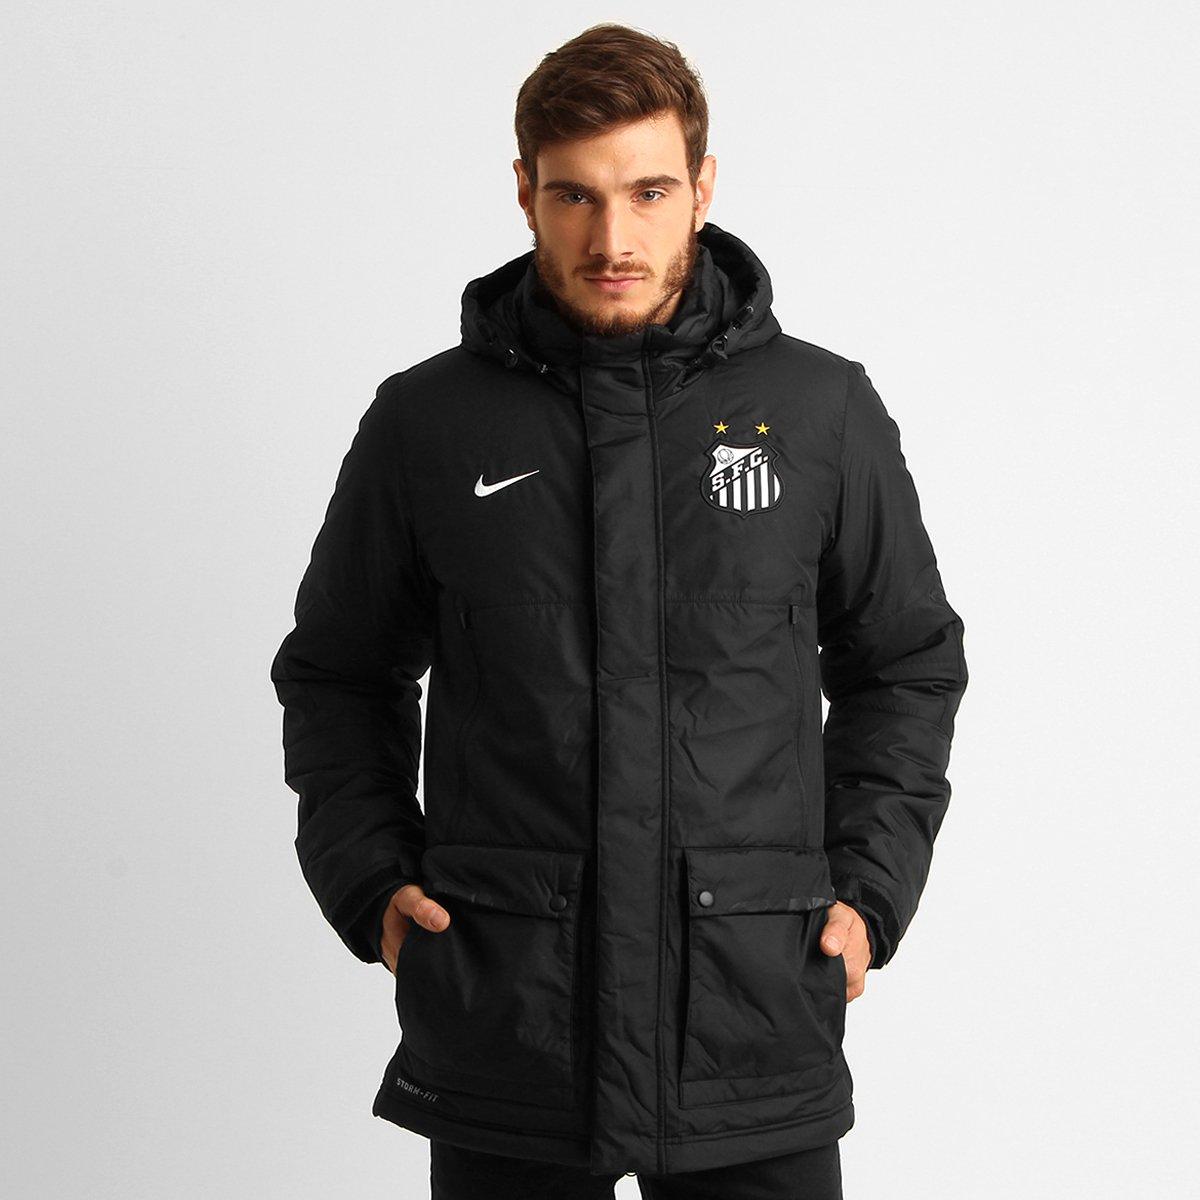 a0eb82307f Jaqueta Nike Santos Inverno - Compre Agora